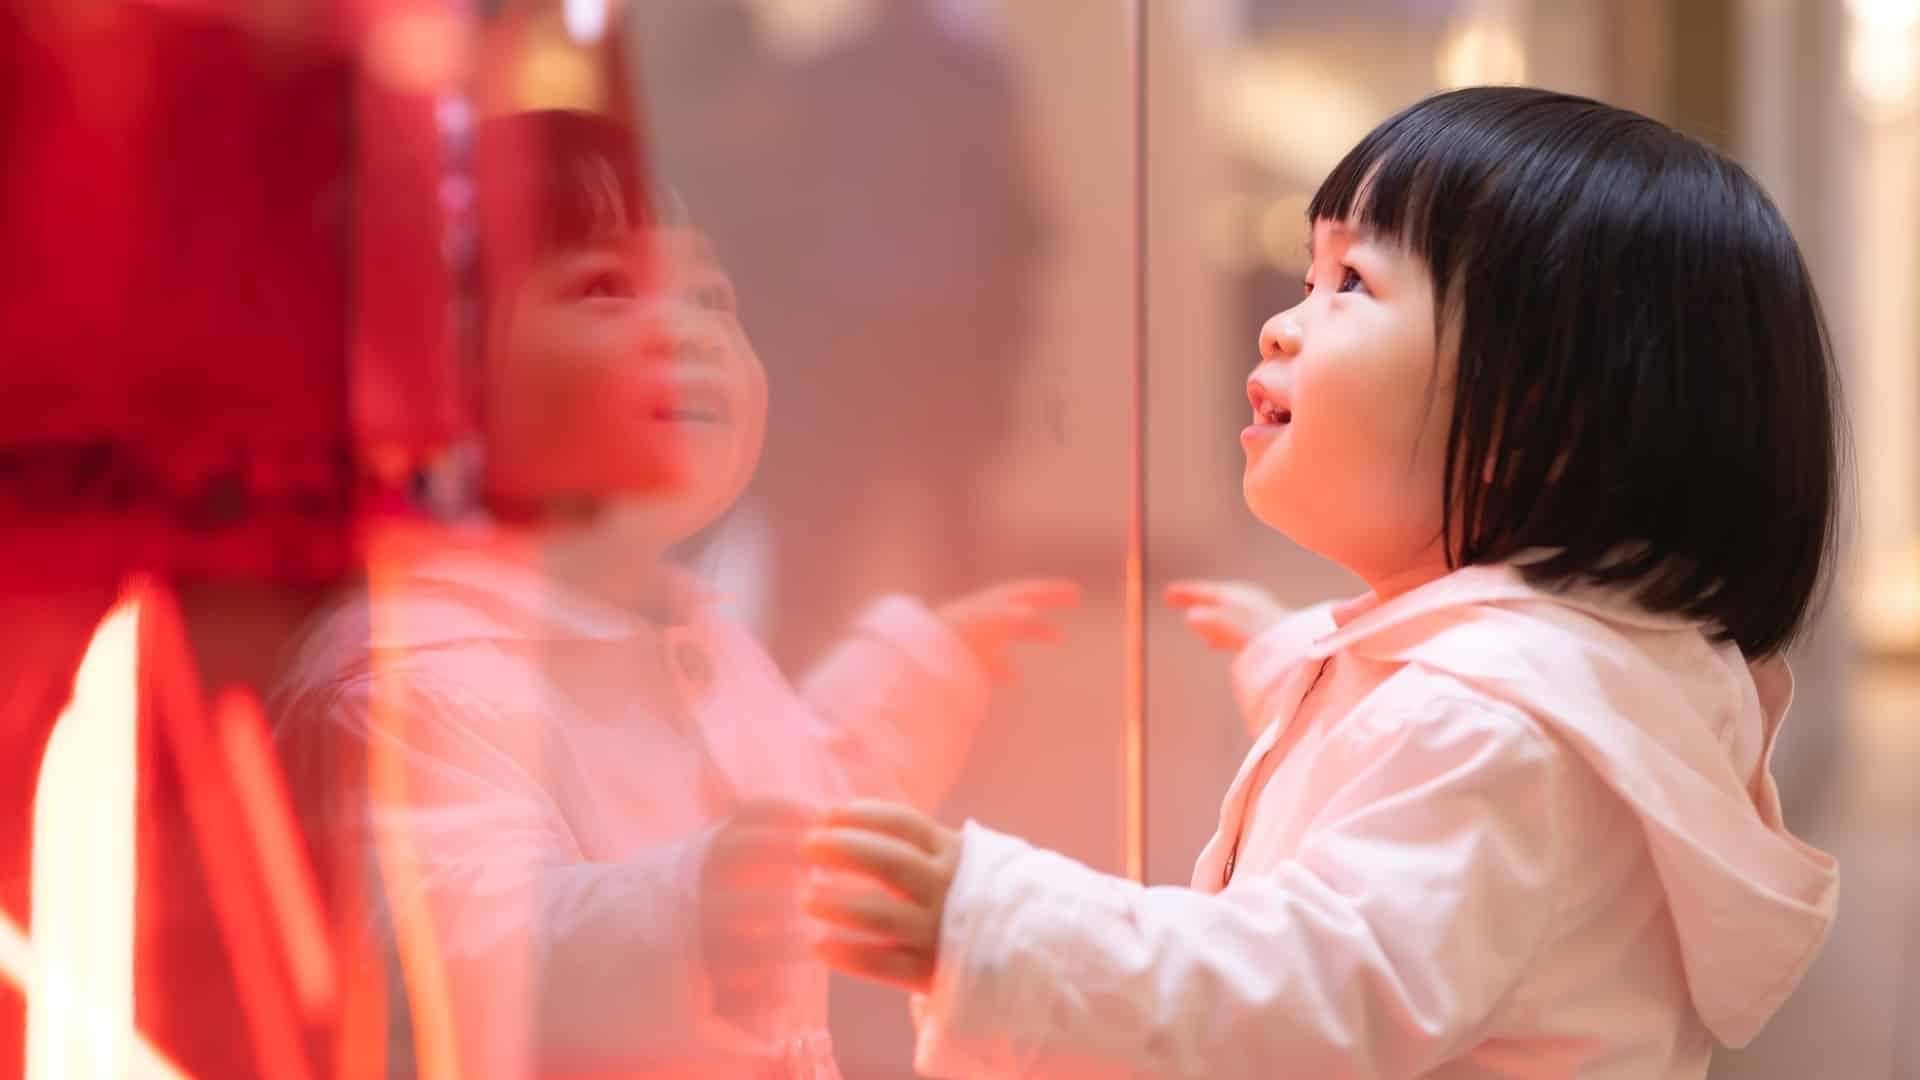 Marketing sensorial eleva experiência do consumidor